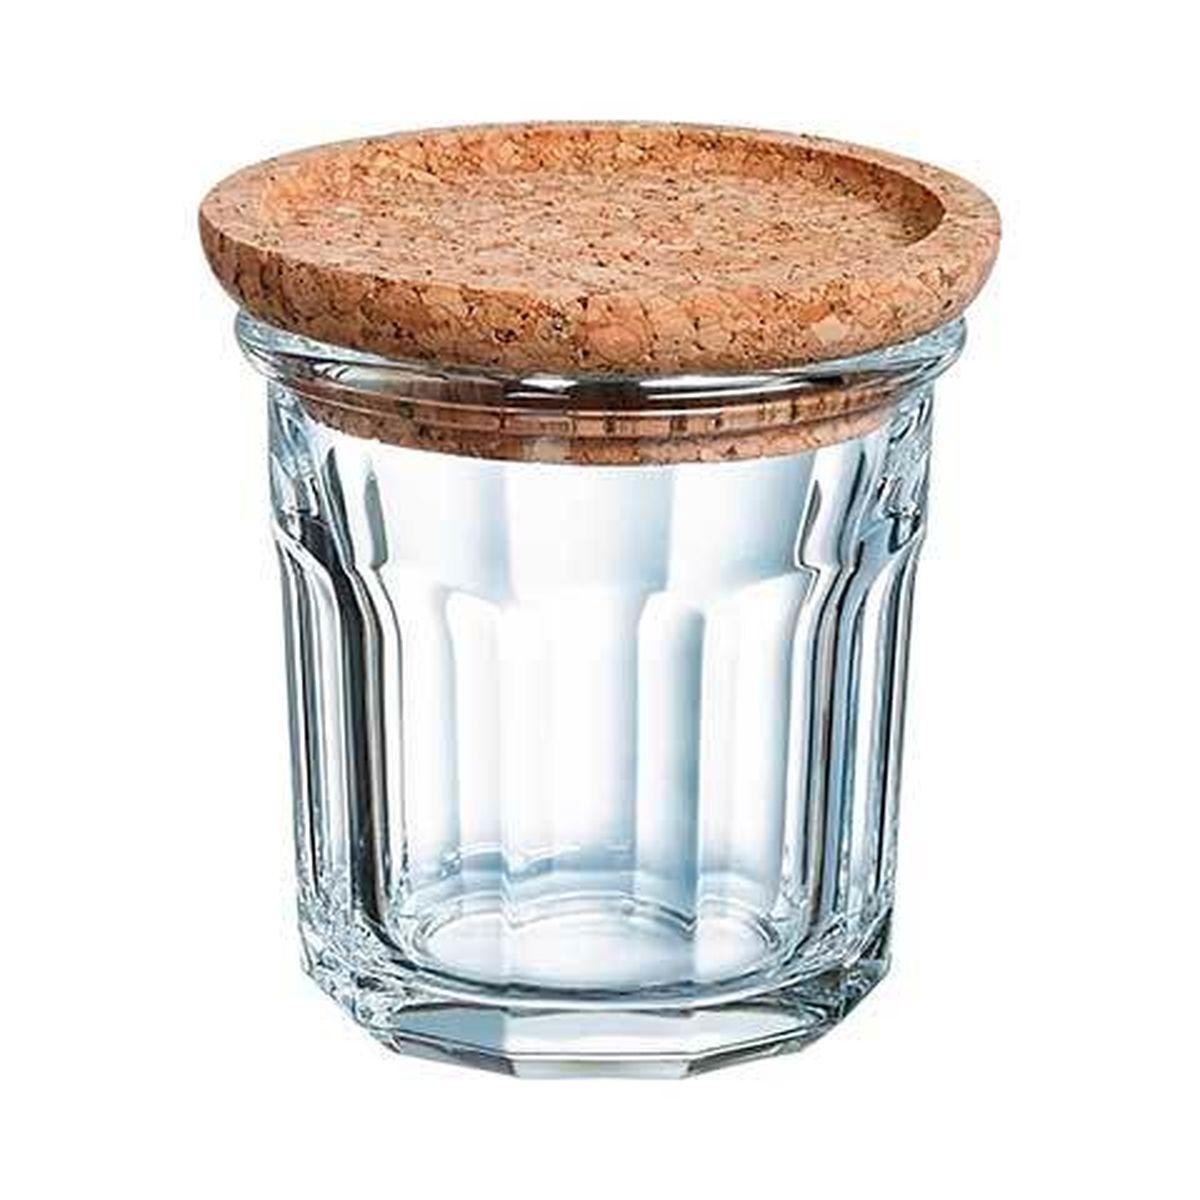 Pot à épices en verre avec couvercle liège 31cl - Luminarc